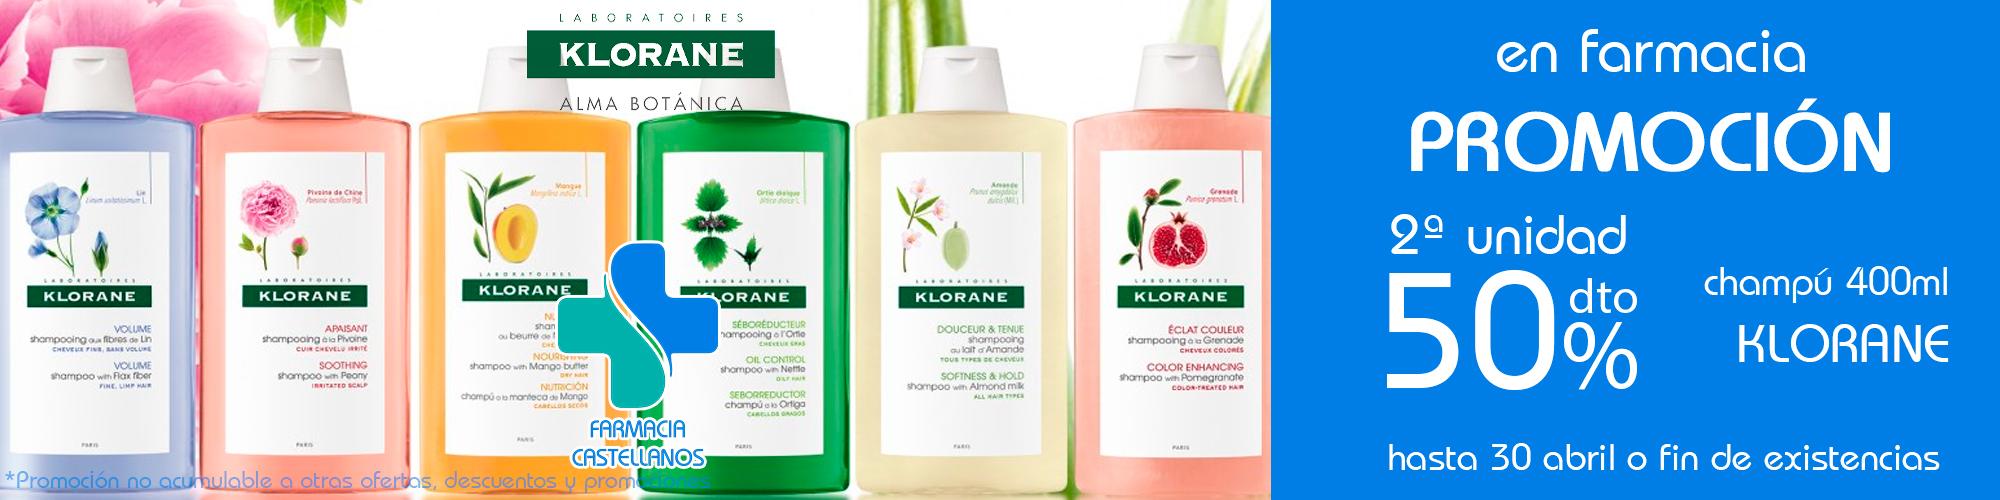 promocion-champu-klorane-farmaciabeatrizcastellanos